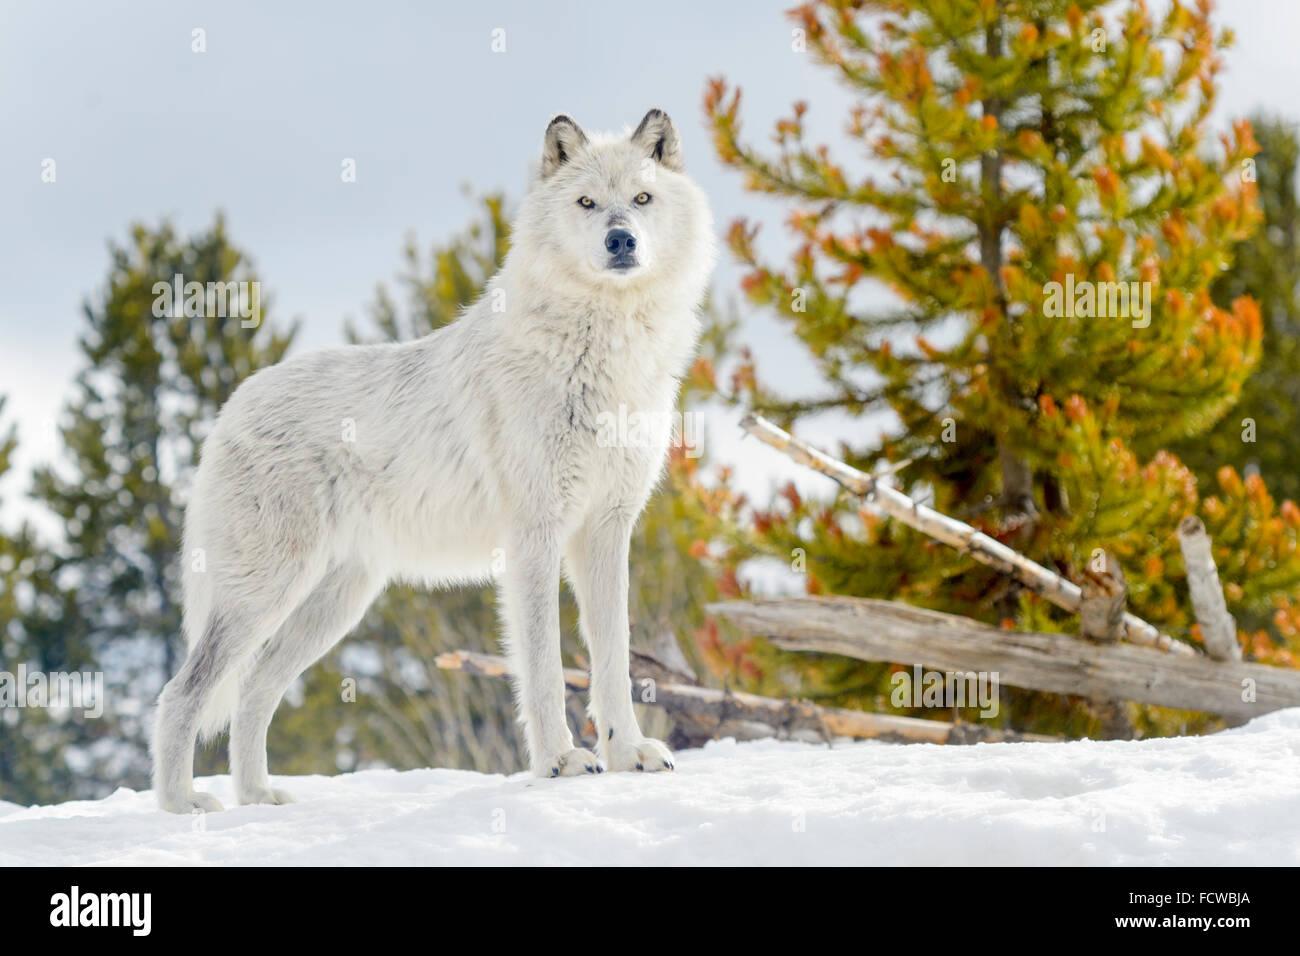 Grauer Wolf (Canis Lupus) stehen im Schnee, Blick in die Kamera, Gefangenschaft, Yellowstone. Stockbild